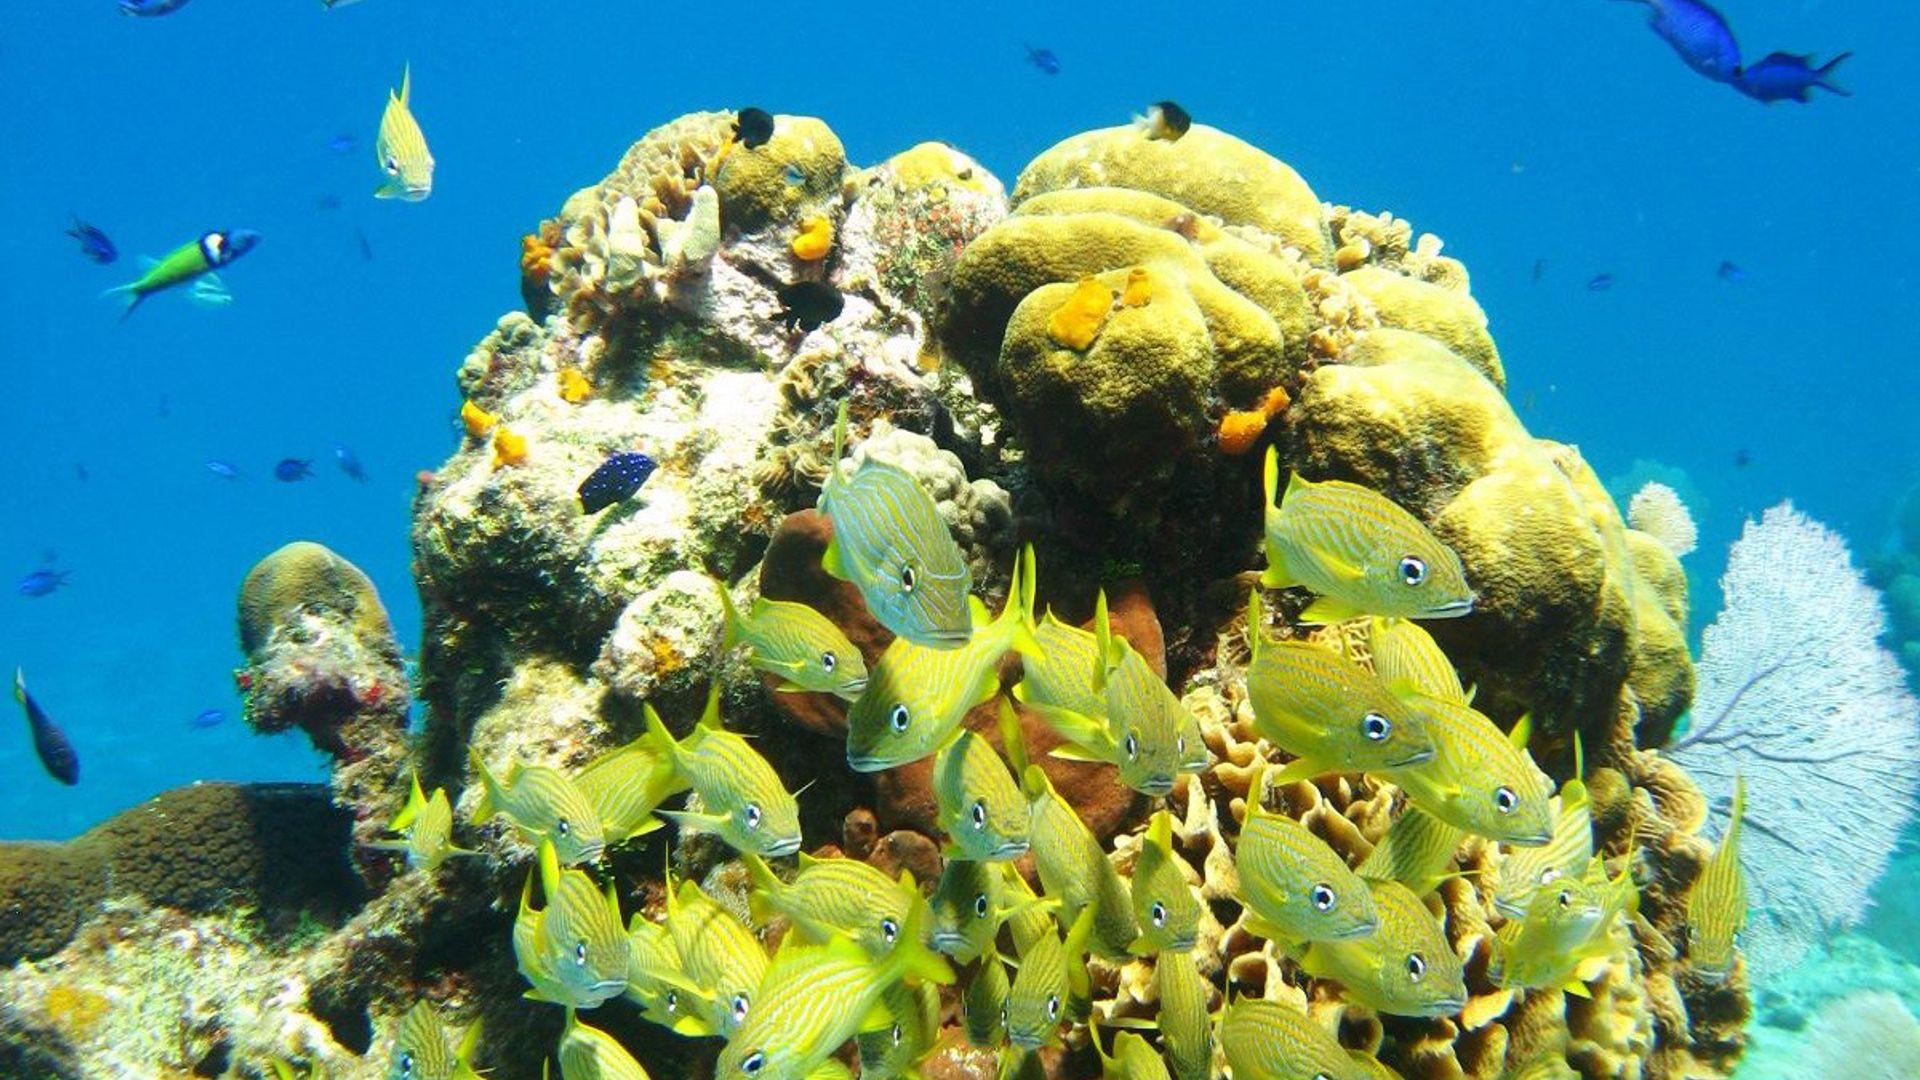 Revelion 2022 - Sejur plaja Riviera Maya, Mexic, 10 zile